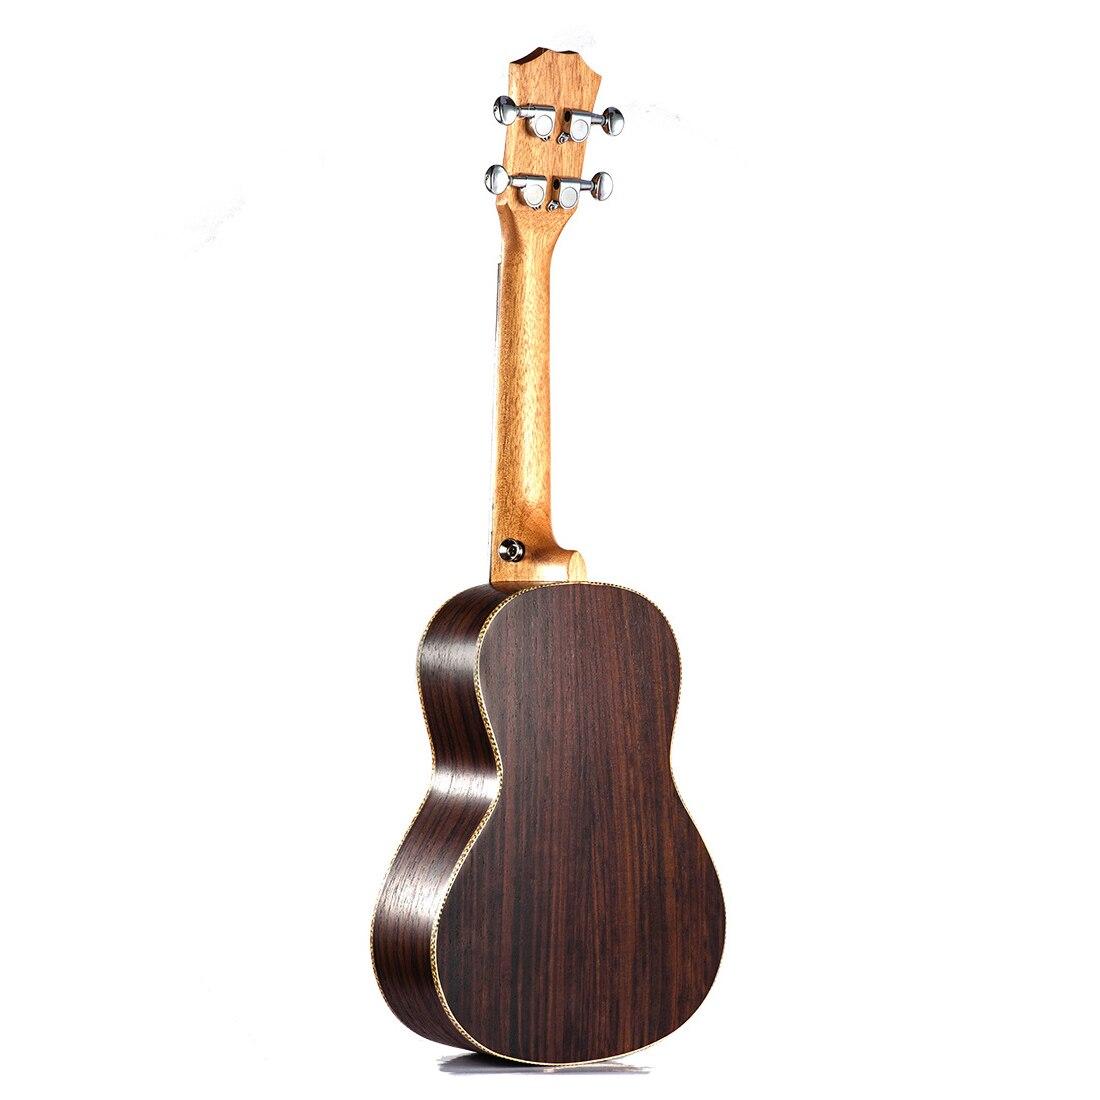 Ukulélé de Concert Soprano 23 pouces en bois de rose uku Ukelele avec 4 cordes mini Hawaii guitare Instruments de musique - 2